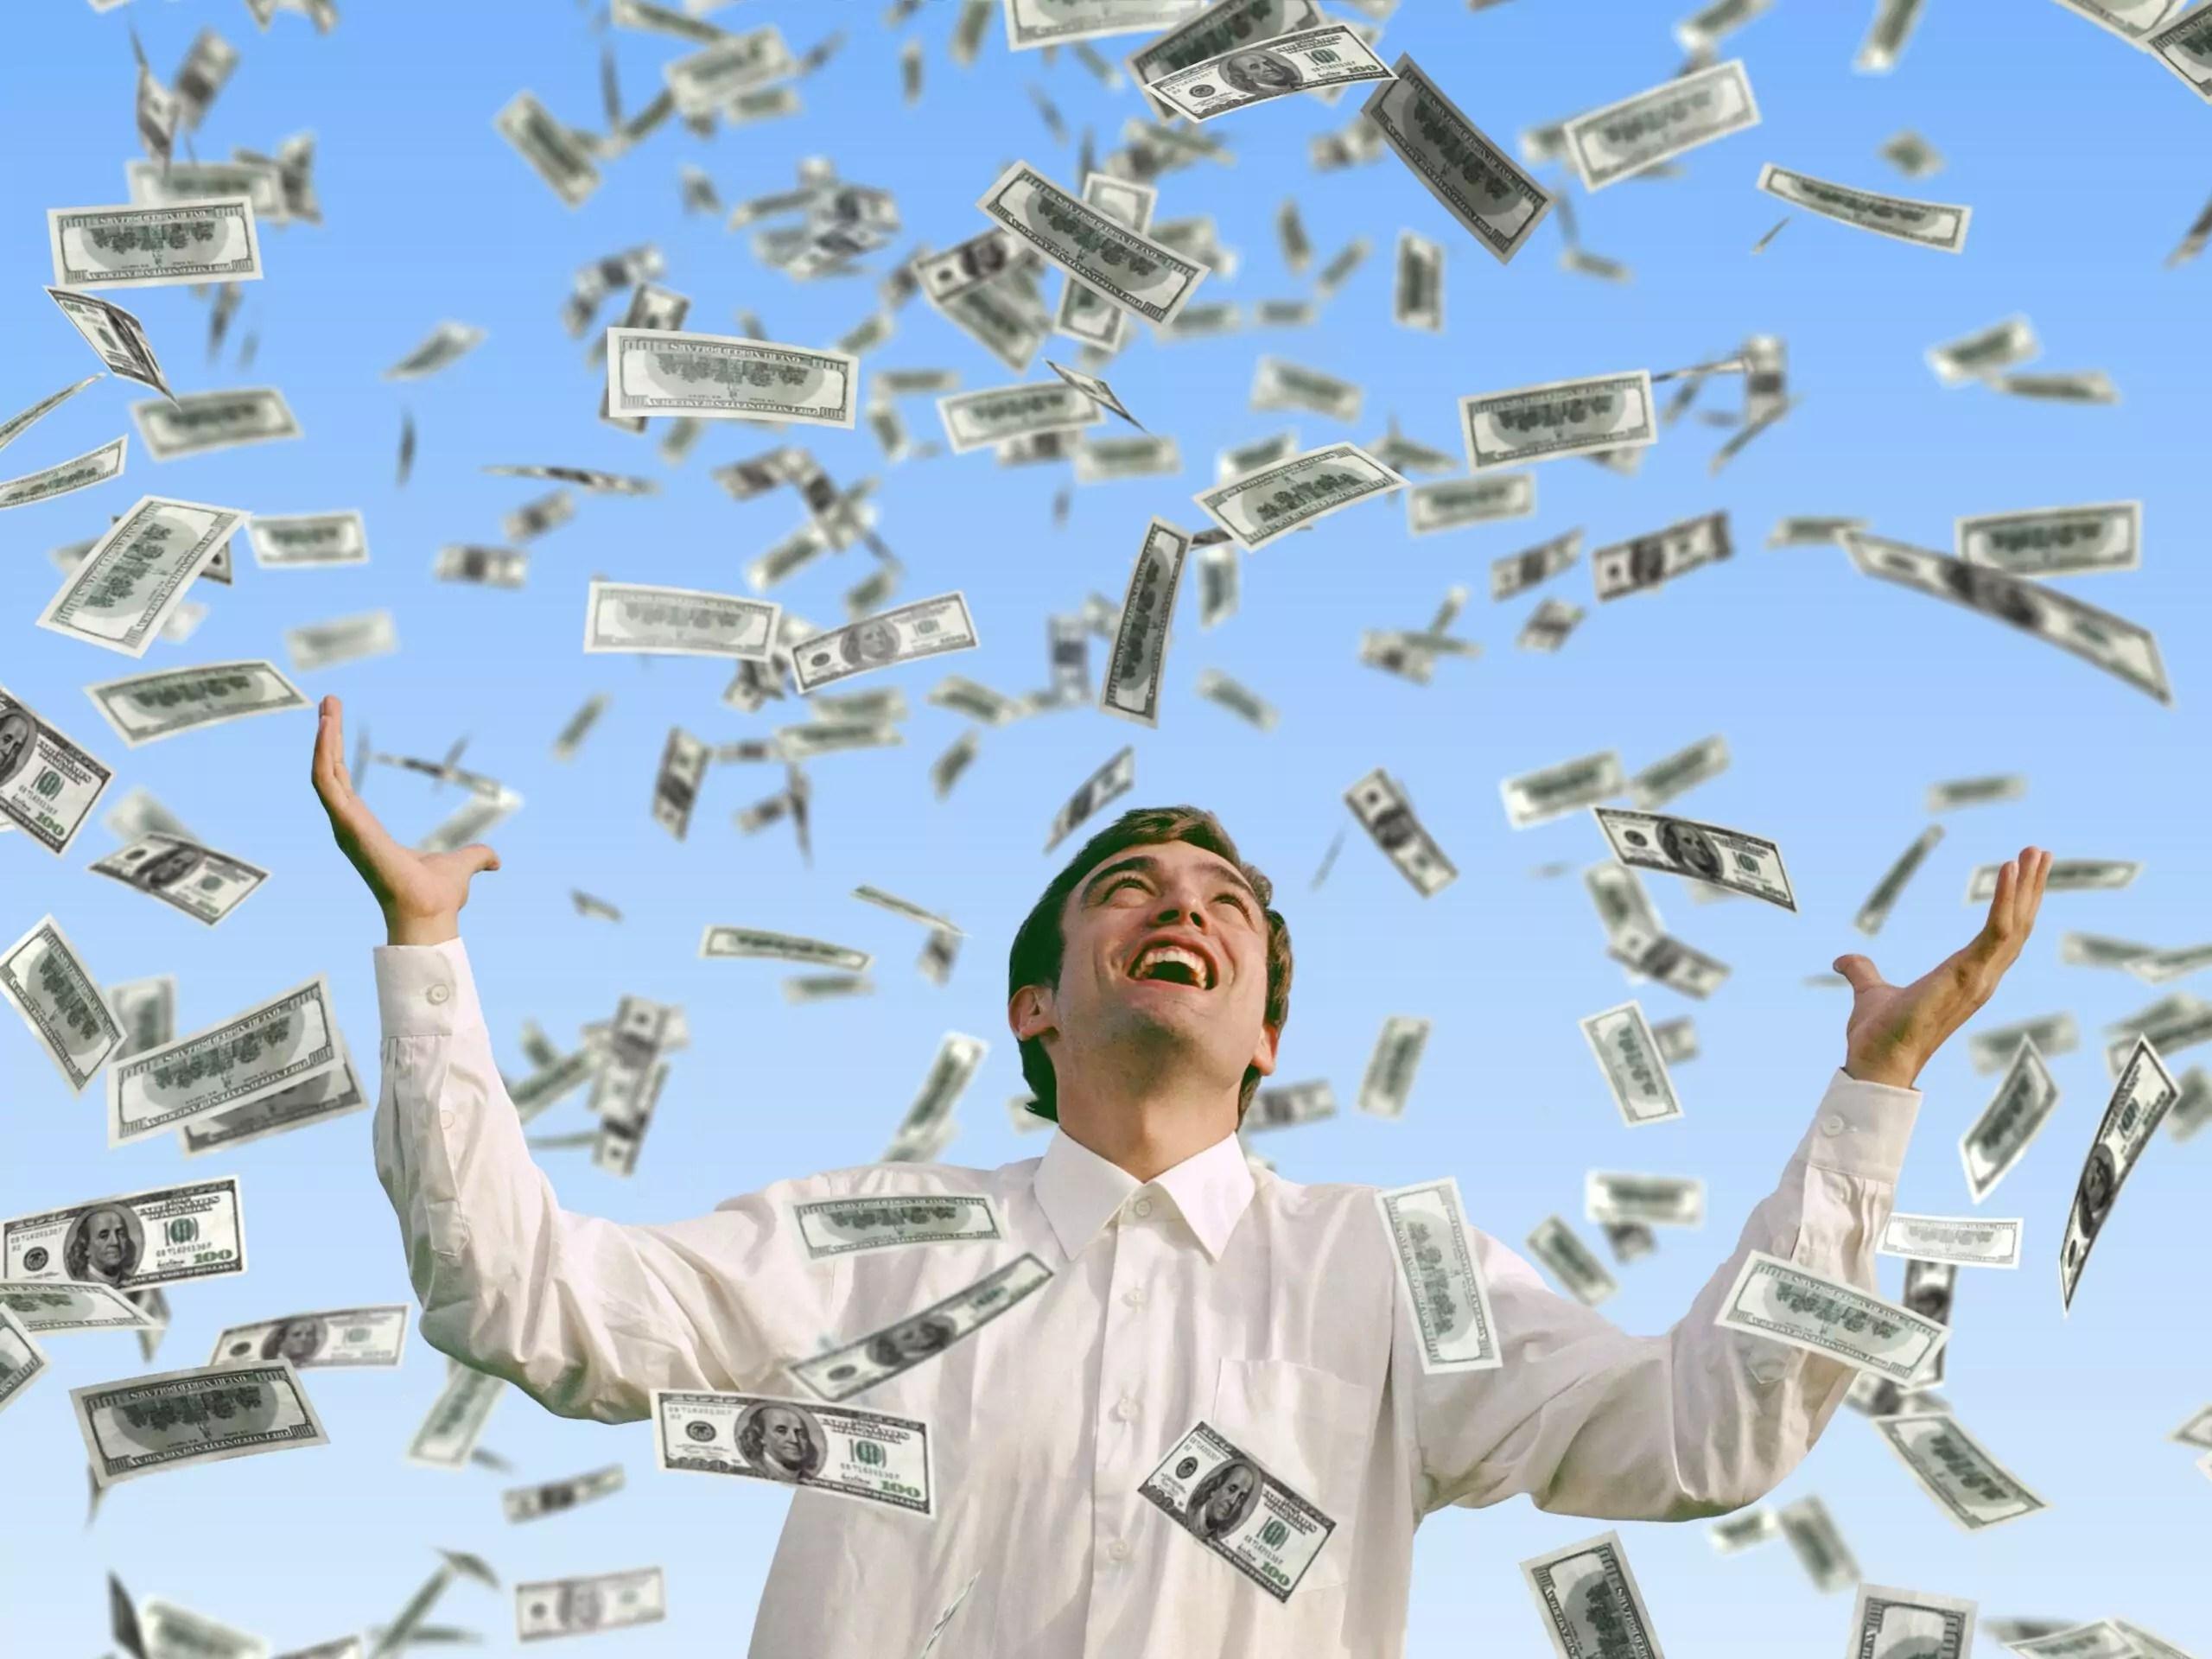 Chuva de notas de dinheiro caindo enquanto homem comemora